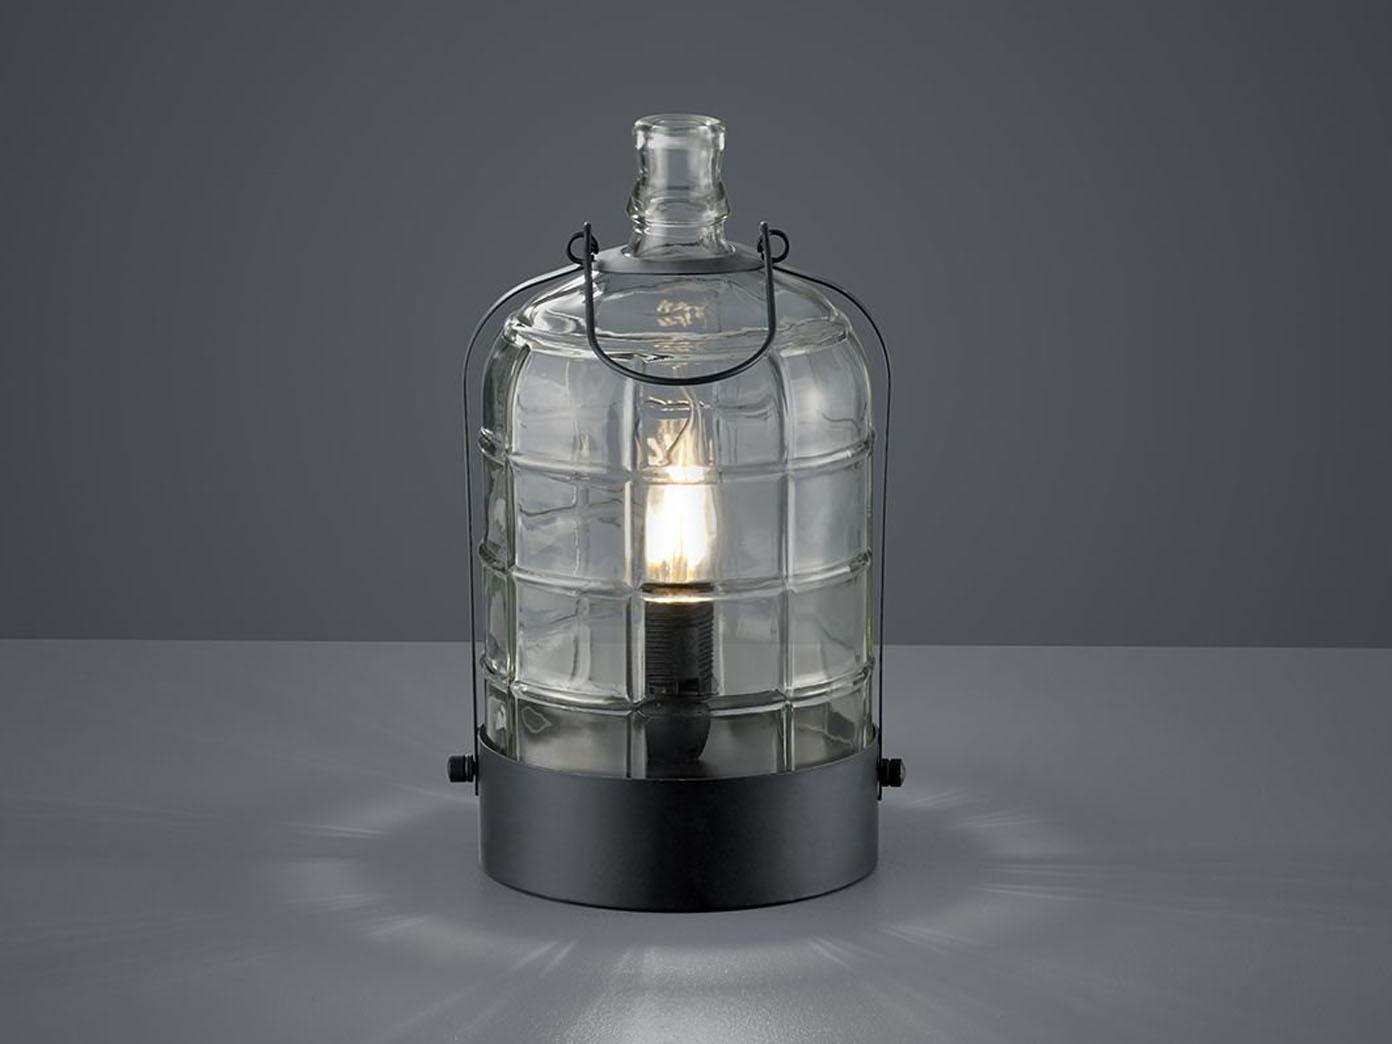 kleine led tischlampe retro stil tischleuchte glas nachttischlampe flurlampe eur 32 99. Black Bedroom Furniture Sets. Home Design Ideas